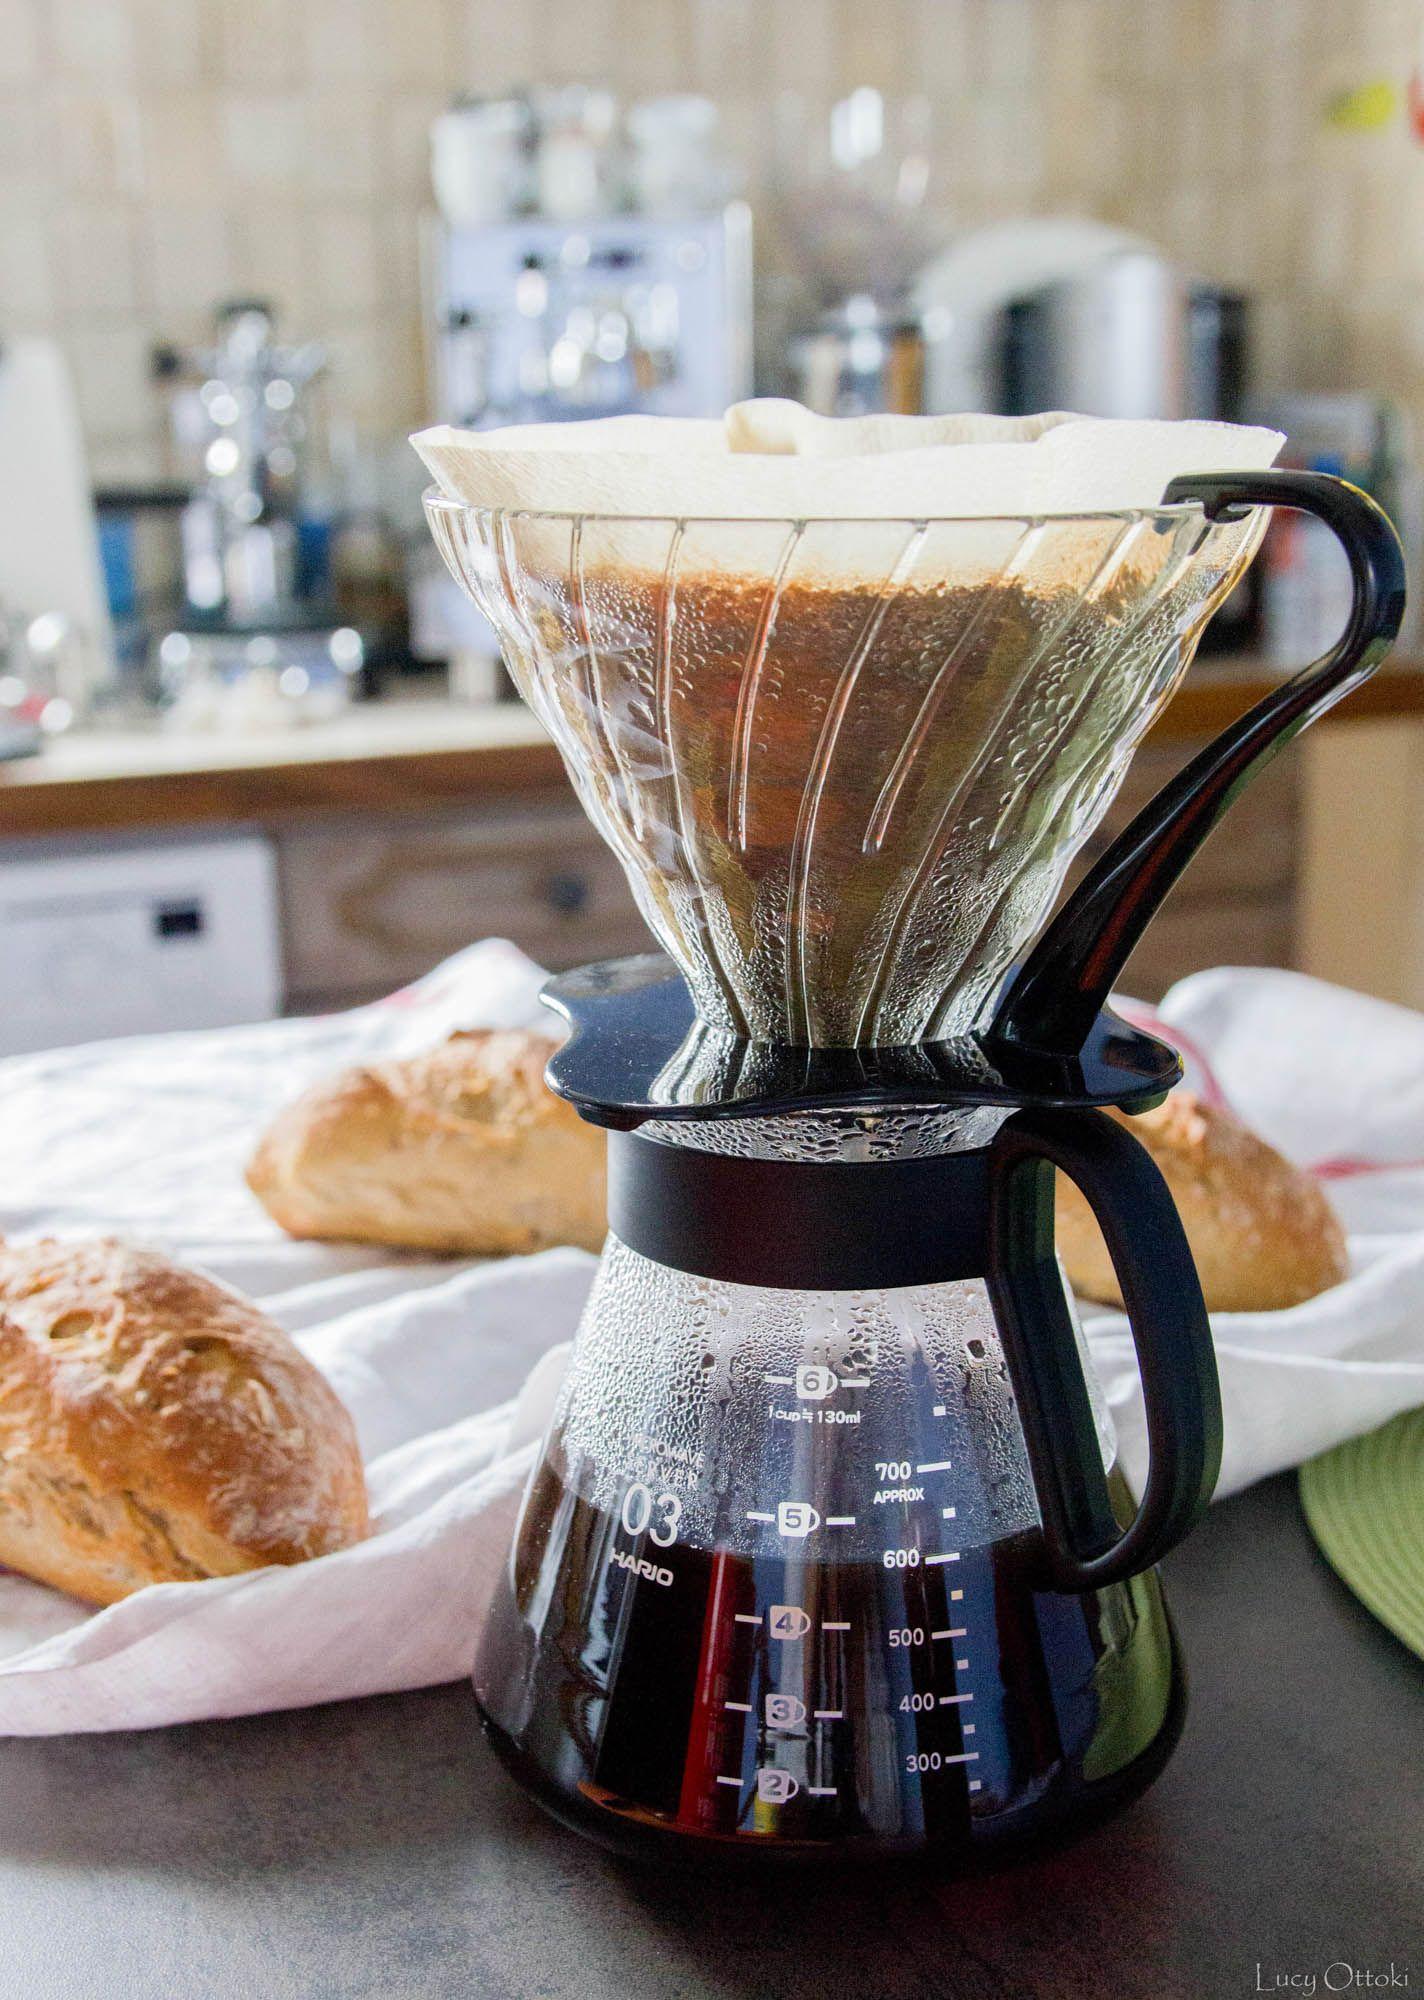 Café filtre Hario Dripper + cafetière. Coffee Pot Hario